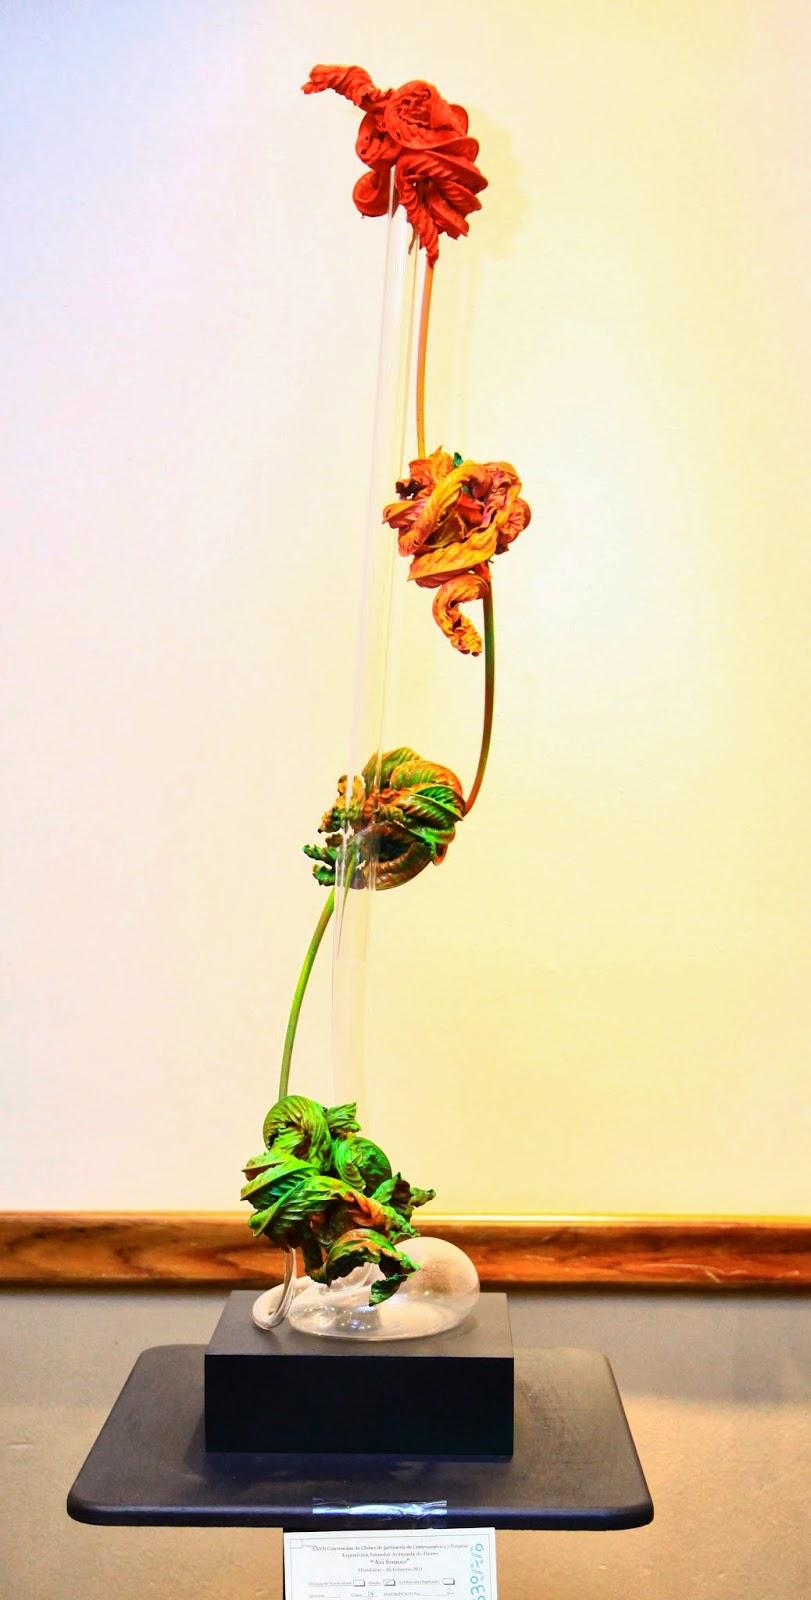 Arreglos florales creativos - Arreglos florales creativos ...